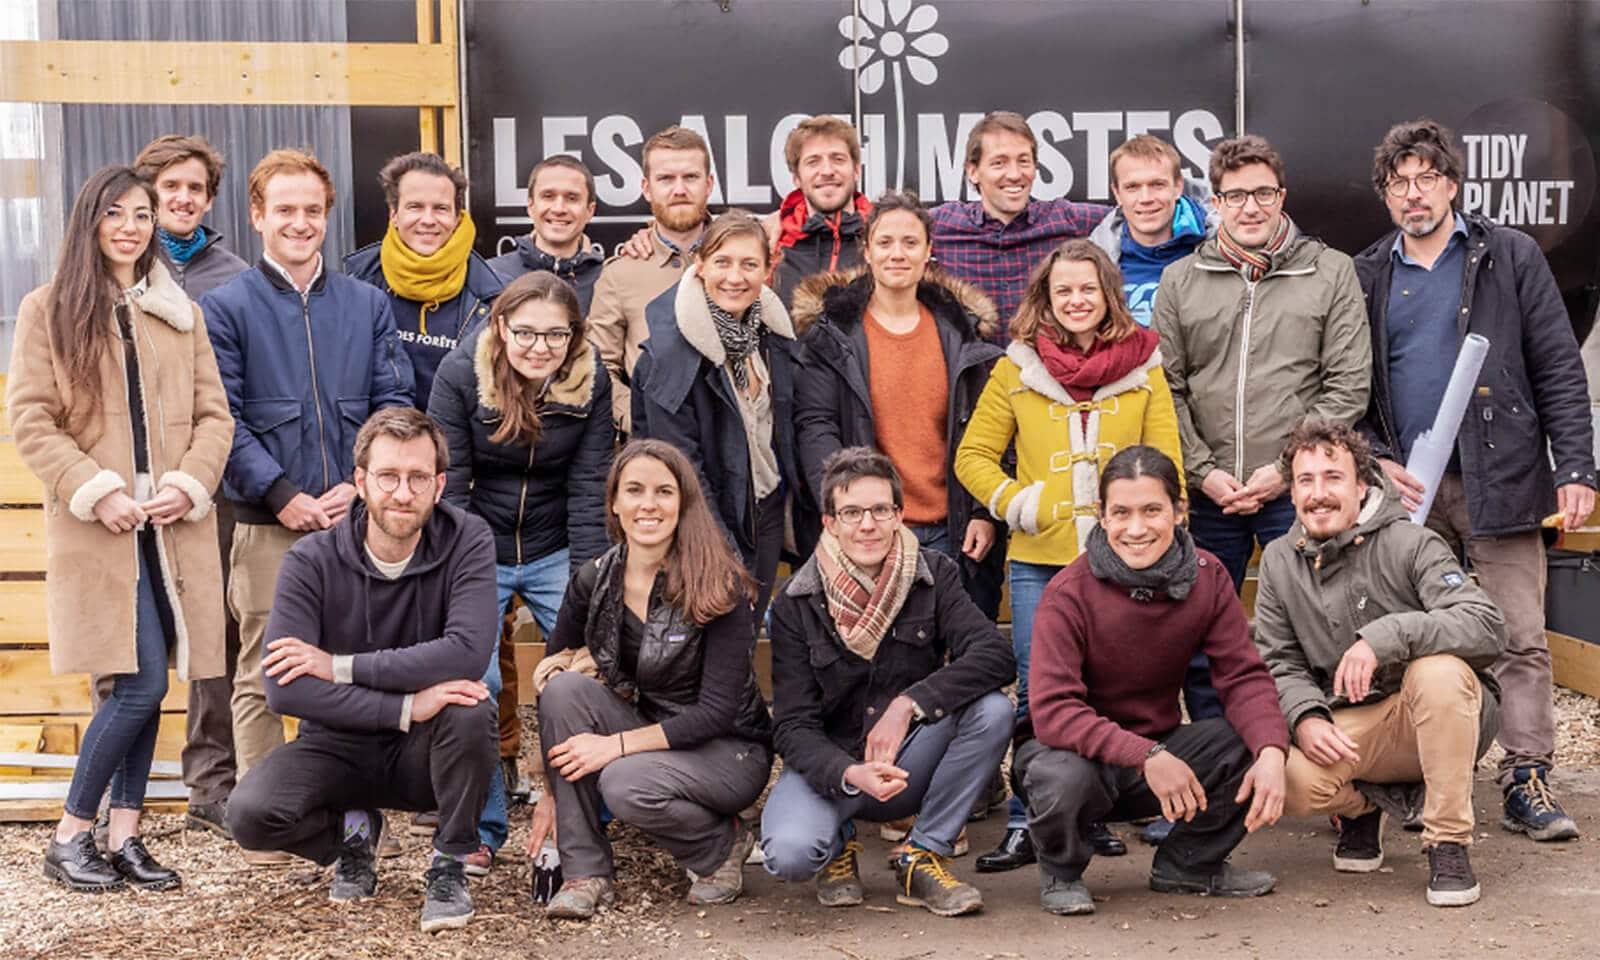 Les-Alchimistes-Startup